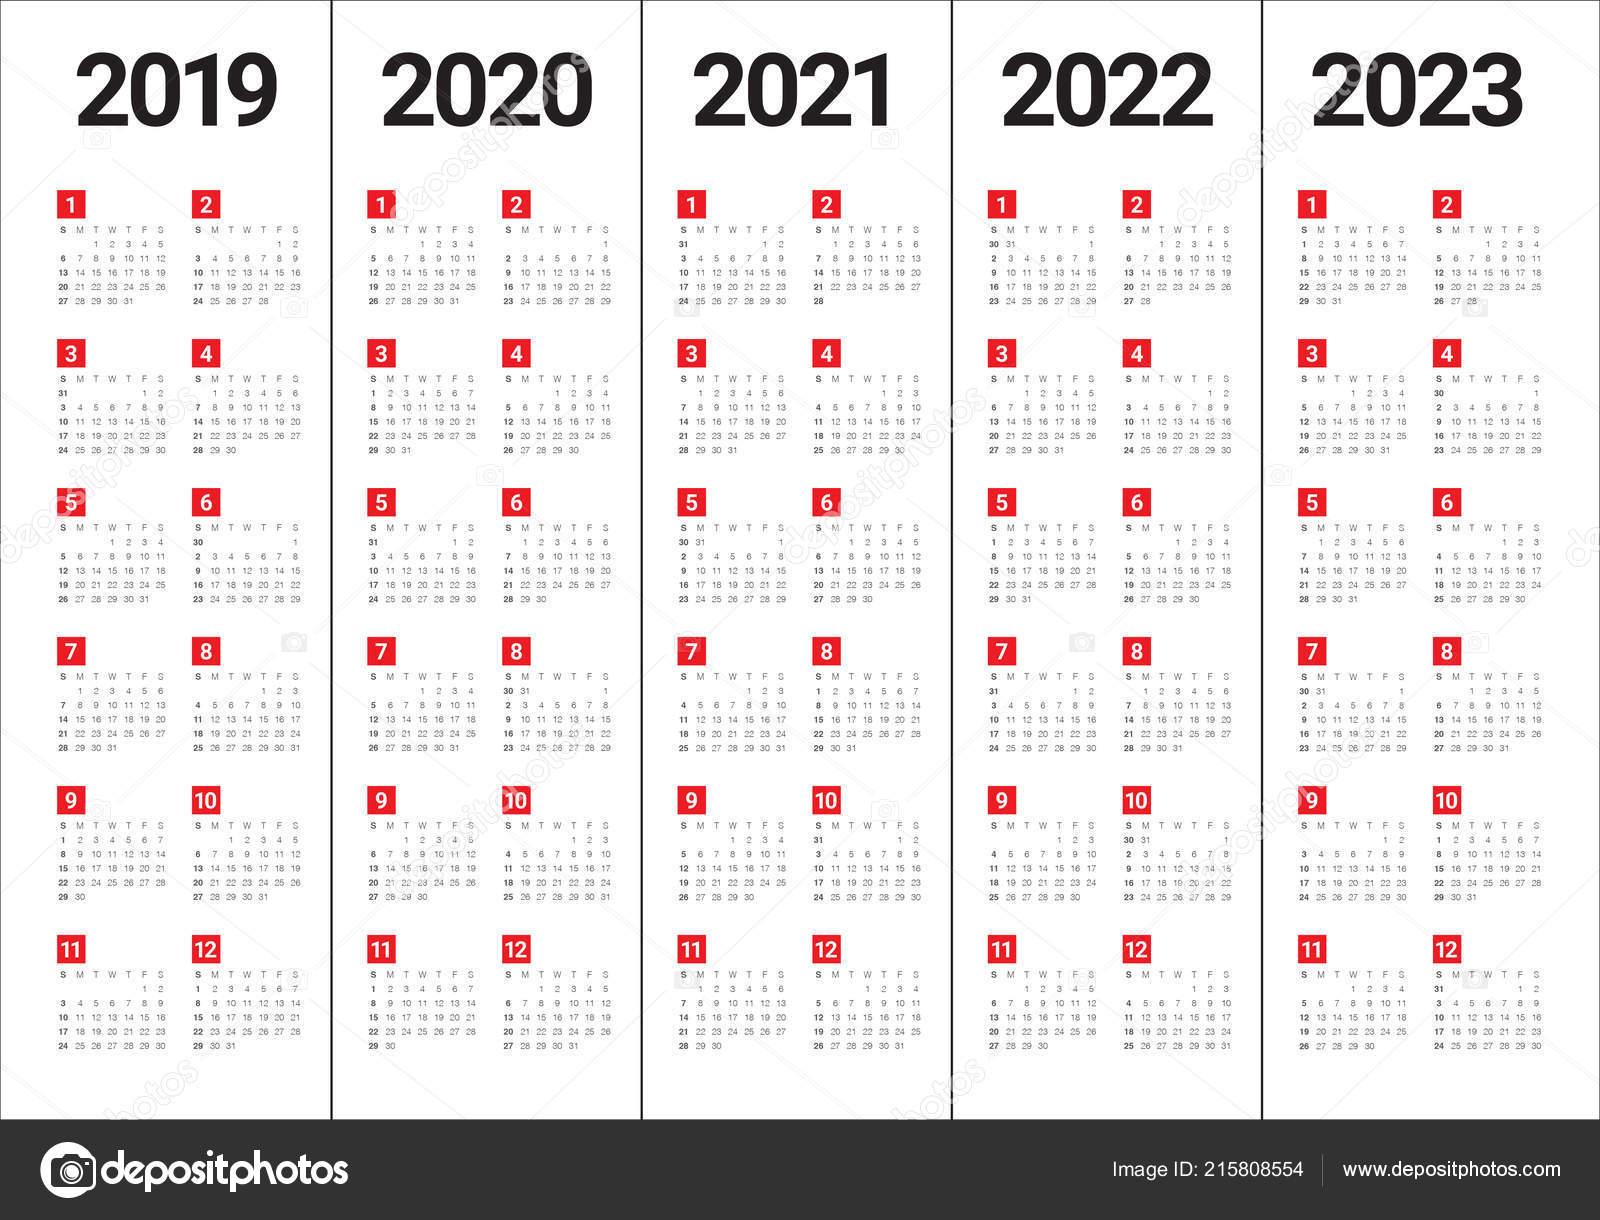 2022 To 2023 Calendar.Year 2019 2020 2021 2022 2023 Calendar Vector Design Template Vector Image By C Dolphfynlow Vector Stock 215808554